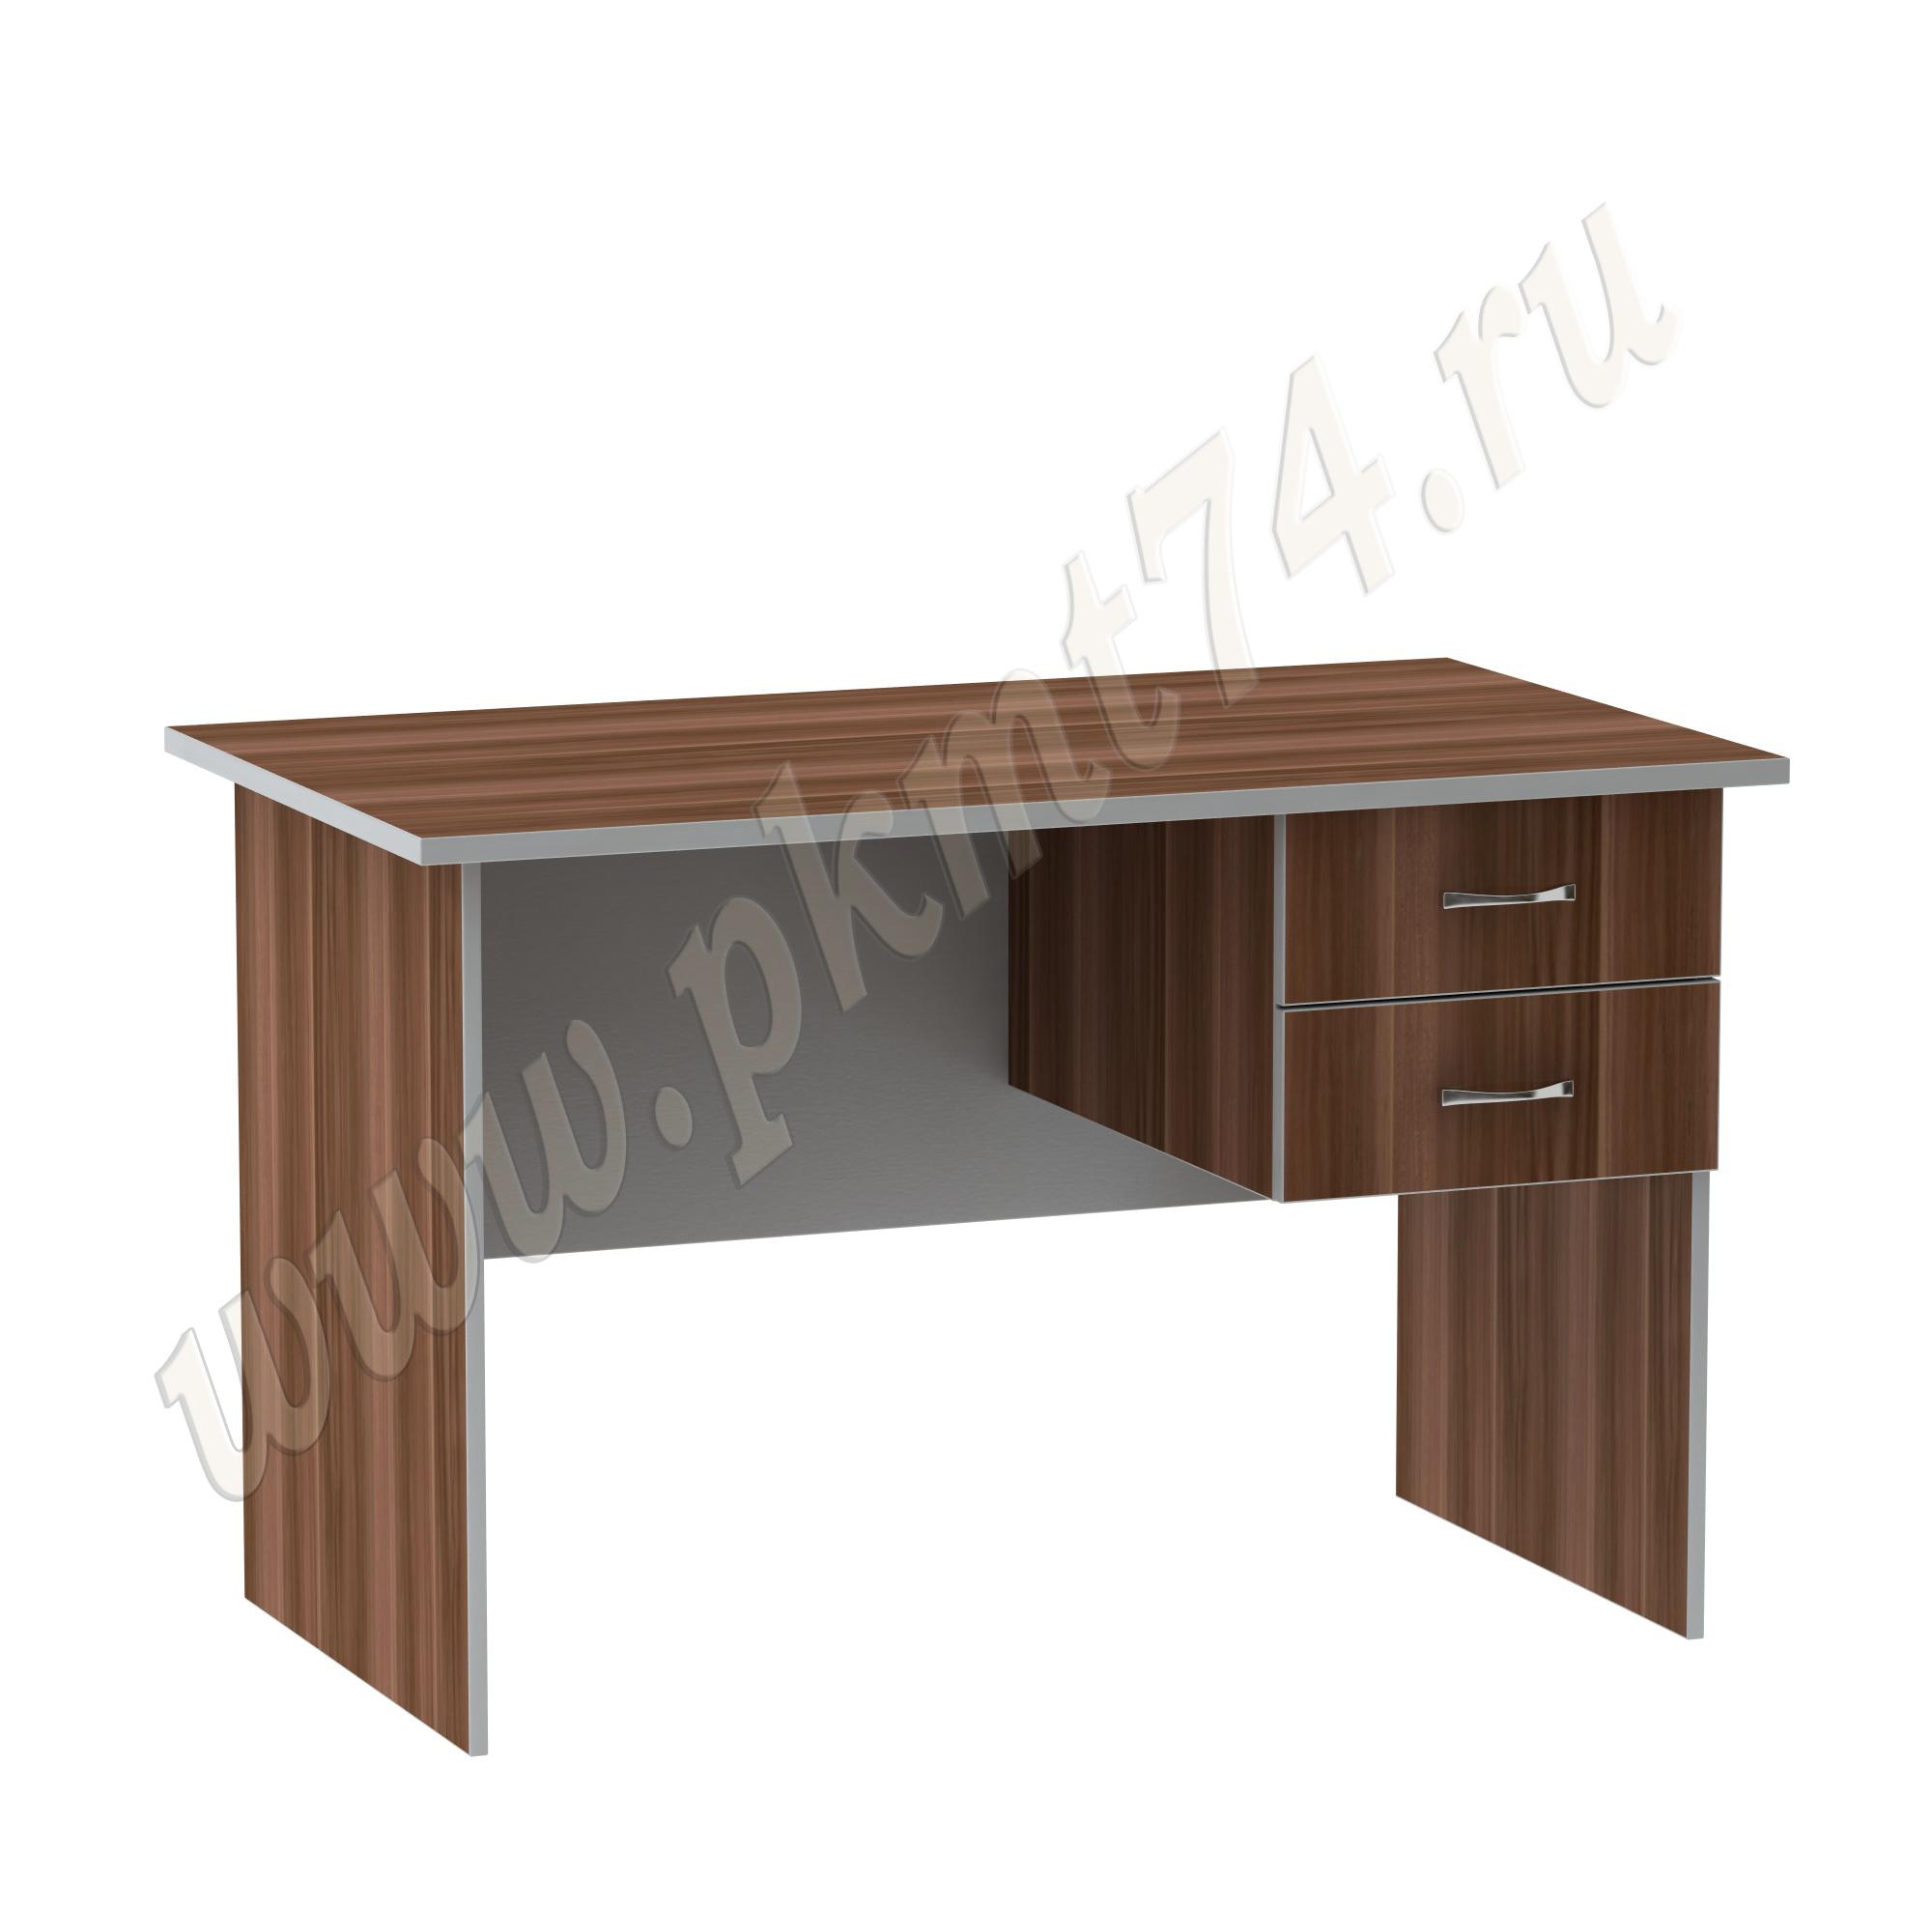 Стол с подвесной тумбой МТ 06-8 Слива-Алюминий